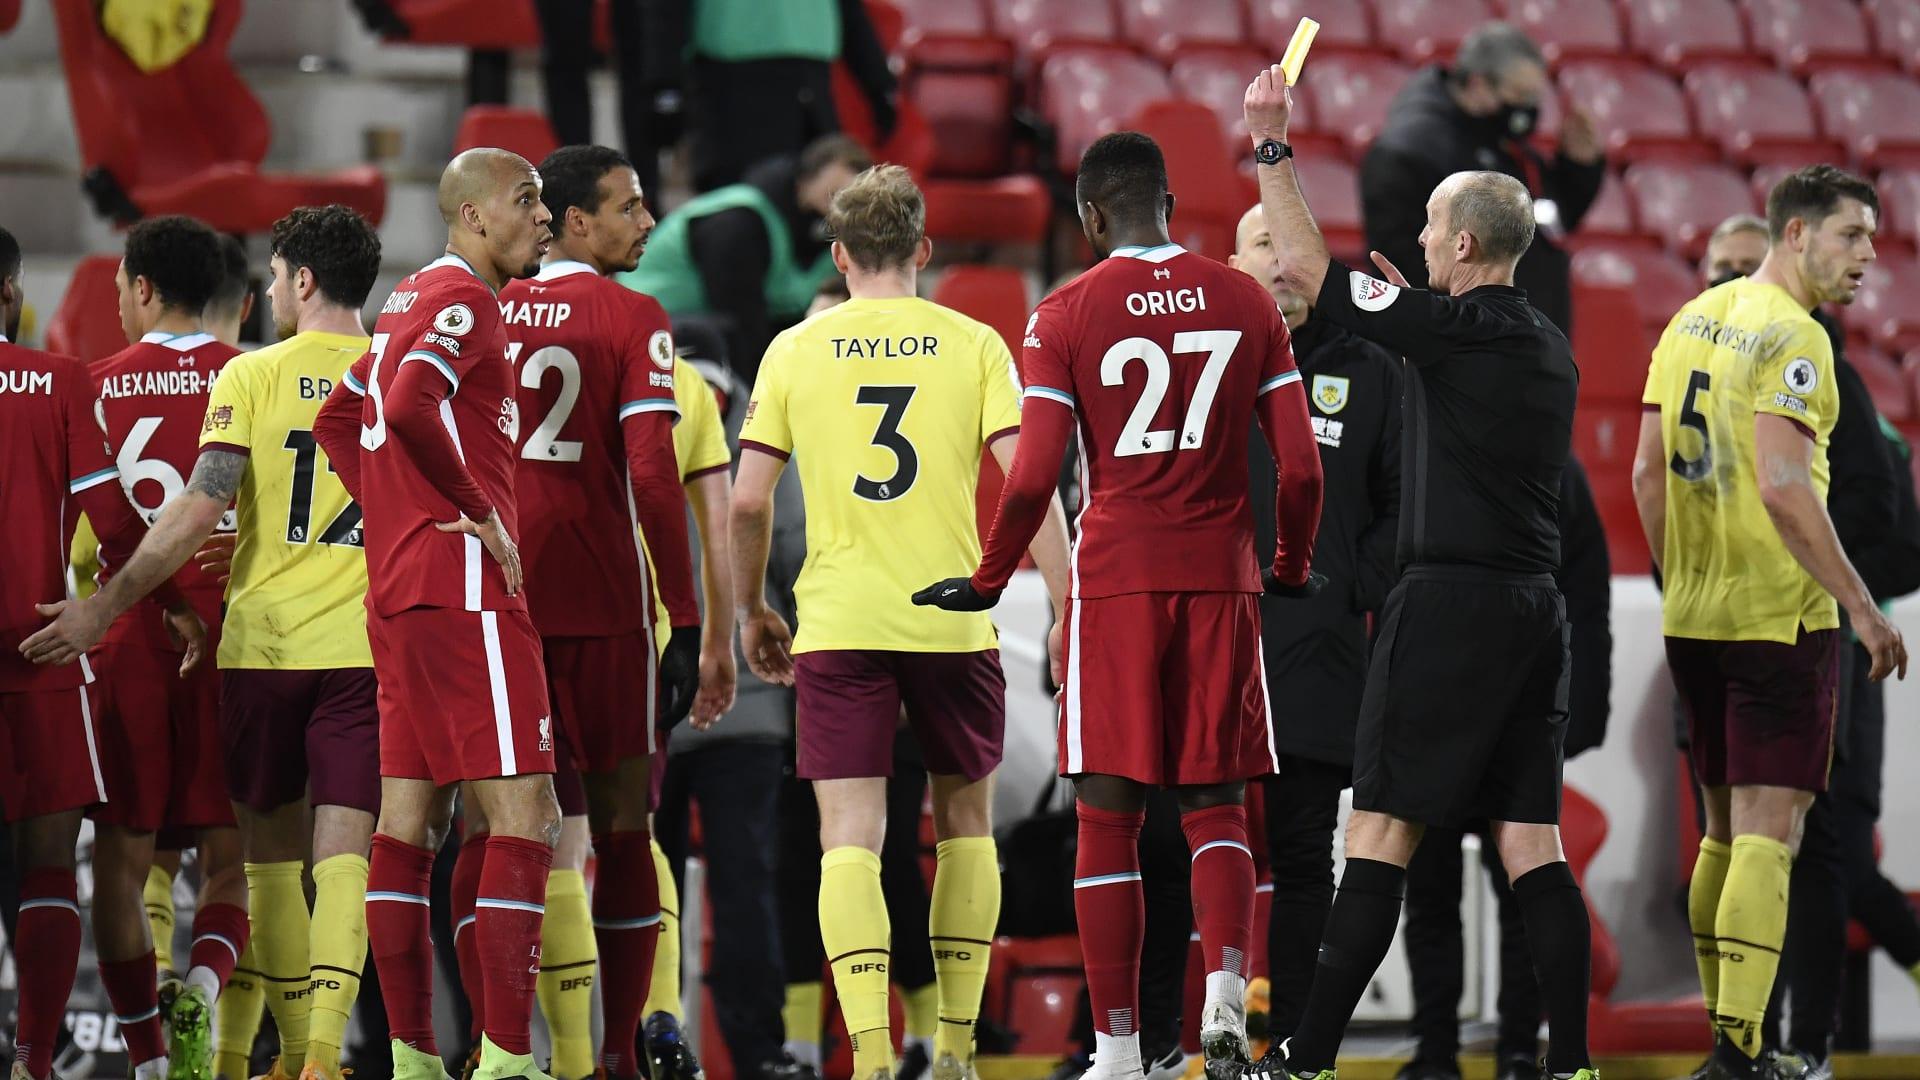 مع فوز ليفربول بمبارياته الـ3 الأولى بالدوري الإنجليزي.. هل نشهد استمرار عهد أنفيلد؟